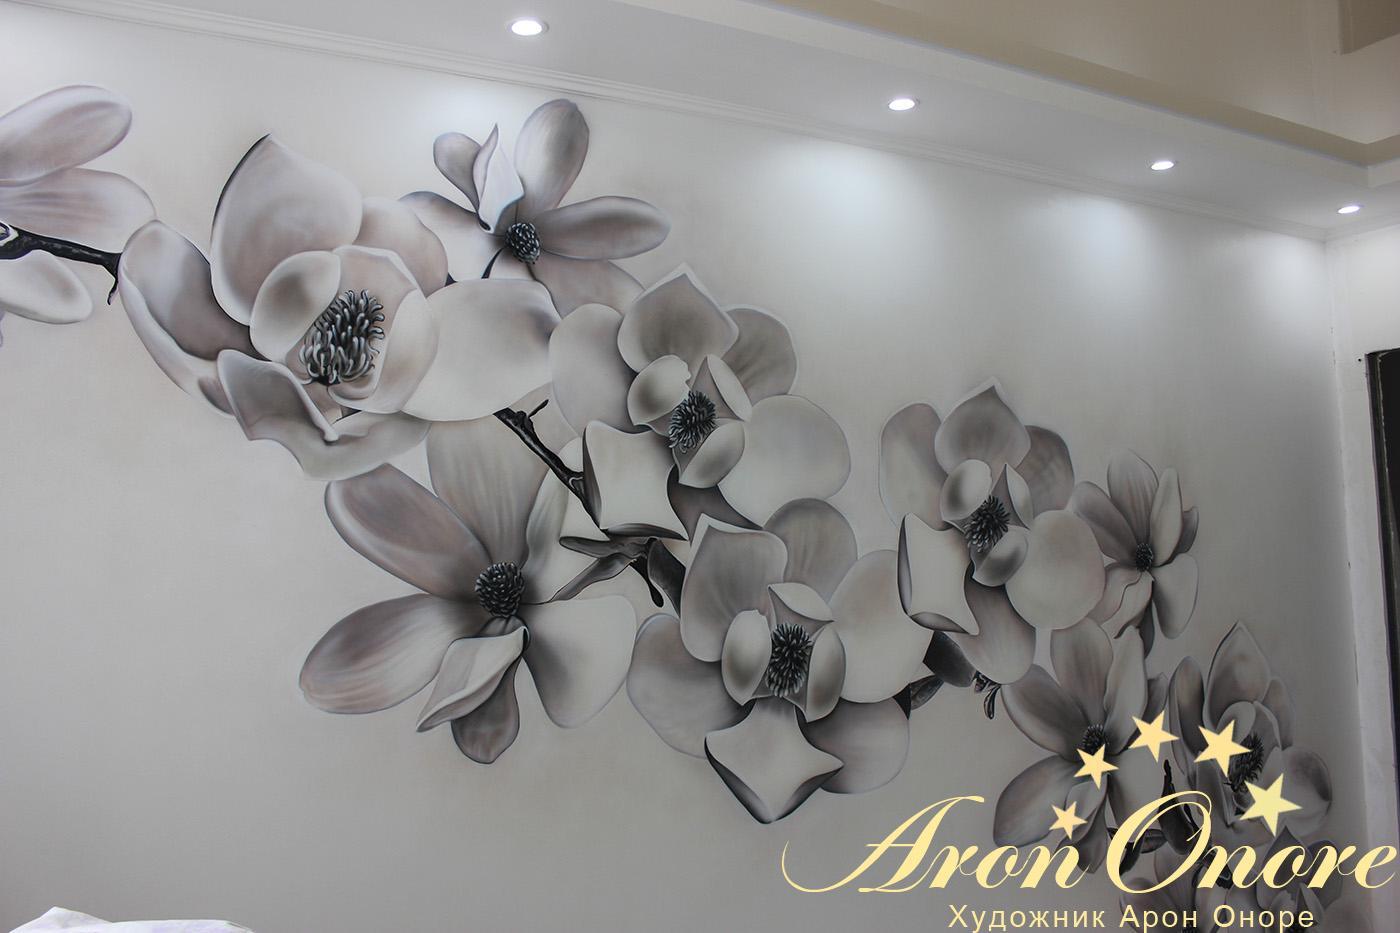 Дизайн цветы на стене фото